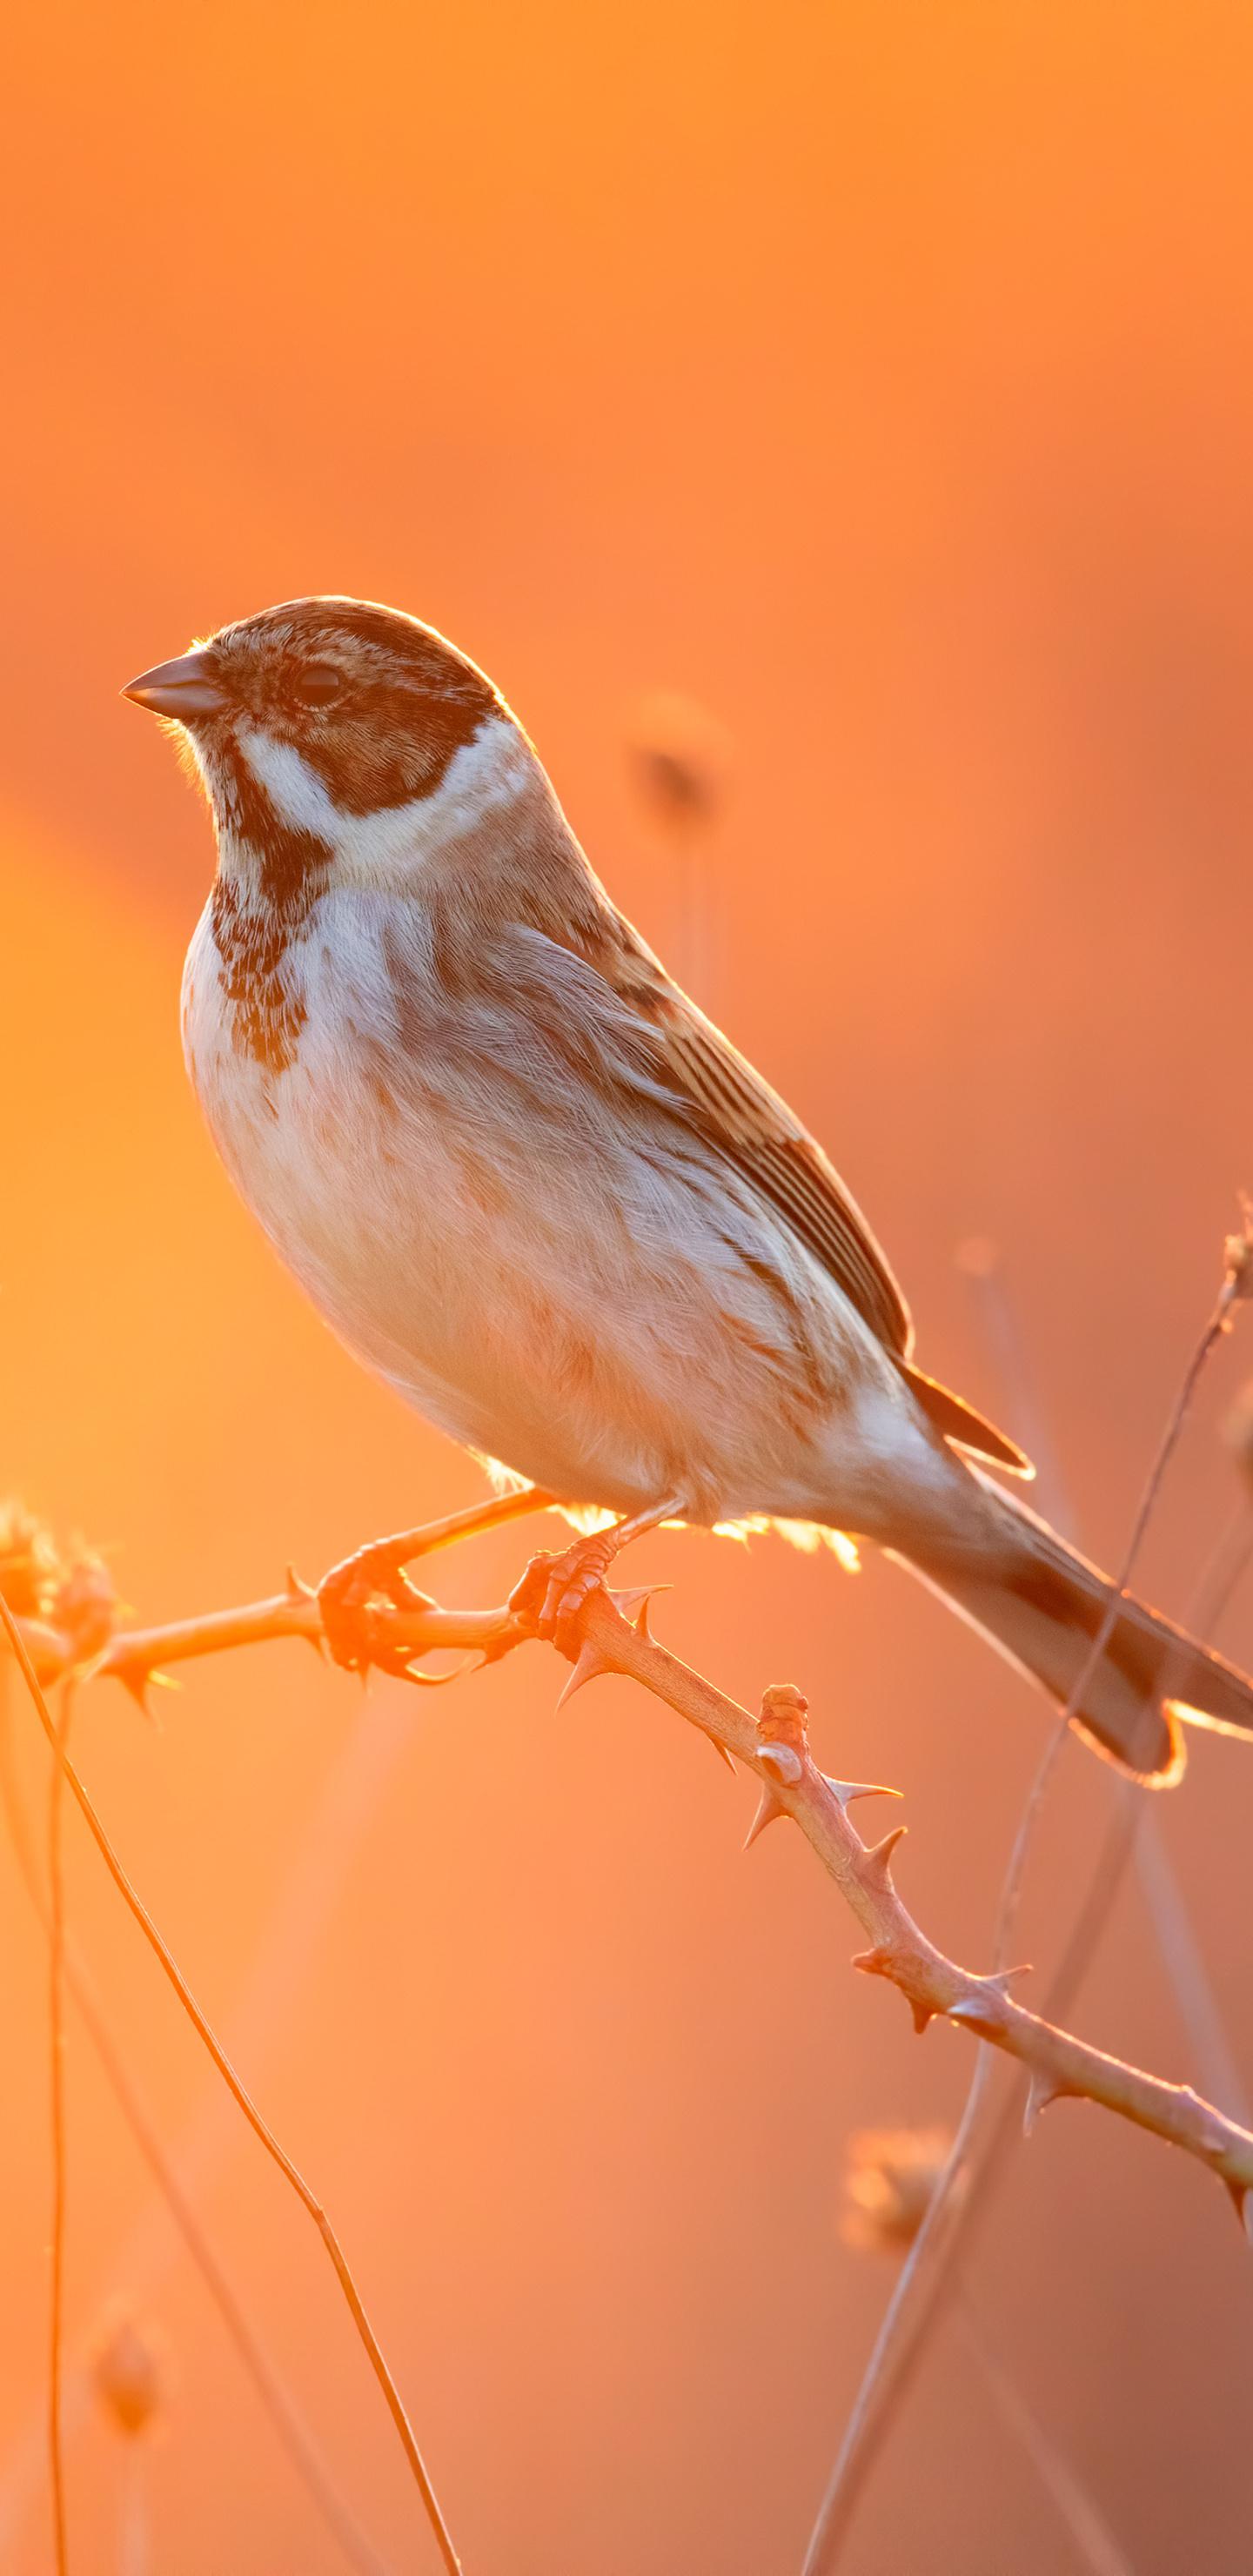 cute-little-bird-4k-3s.jpg